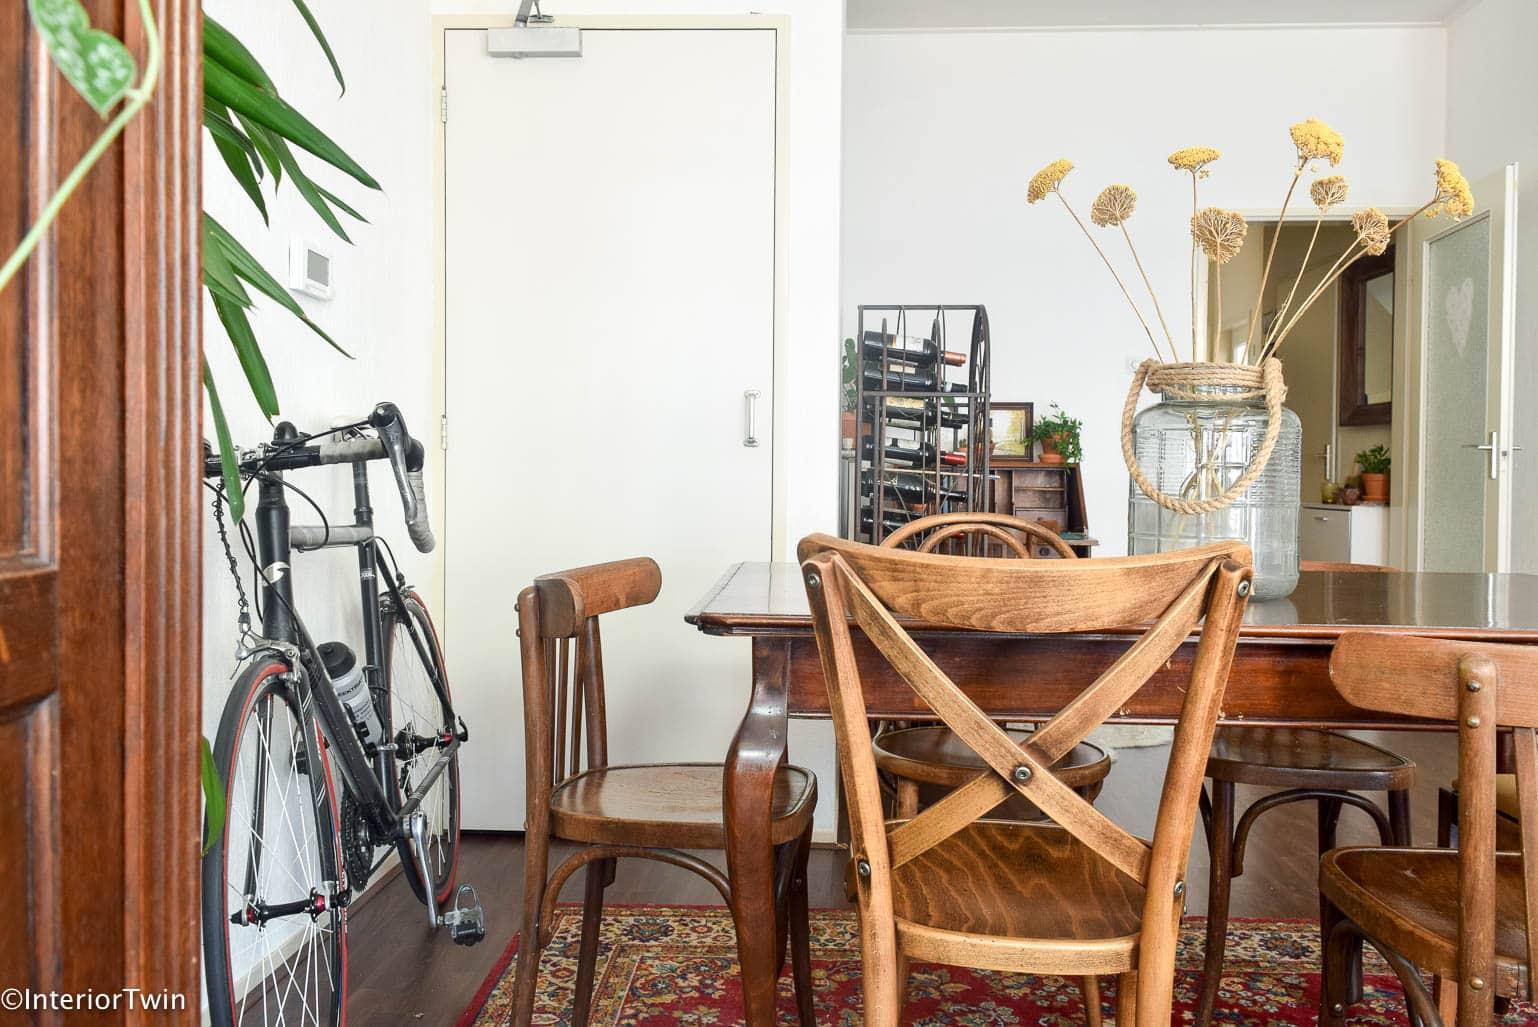 Binnenkijken in een huis vol met tweedehands meubels for Tweedehands meubels webshop